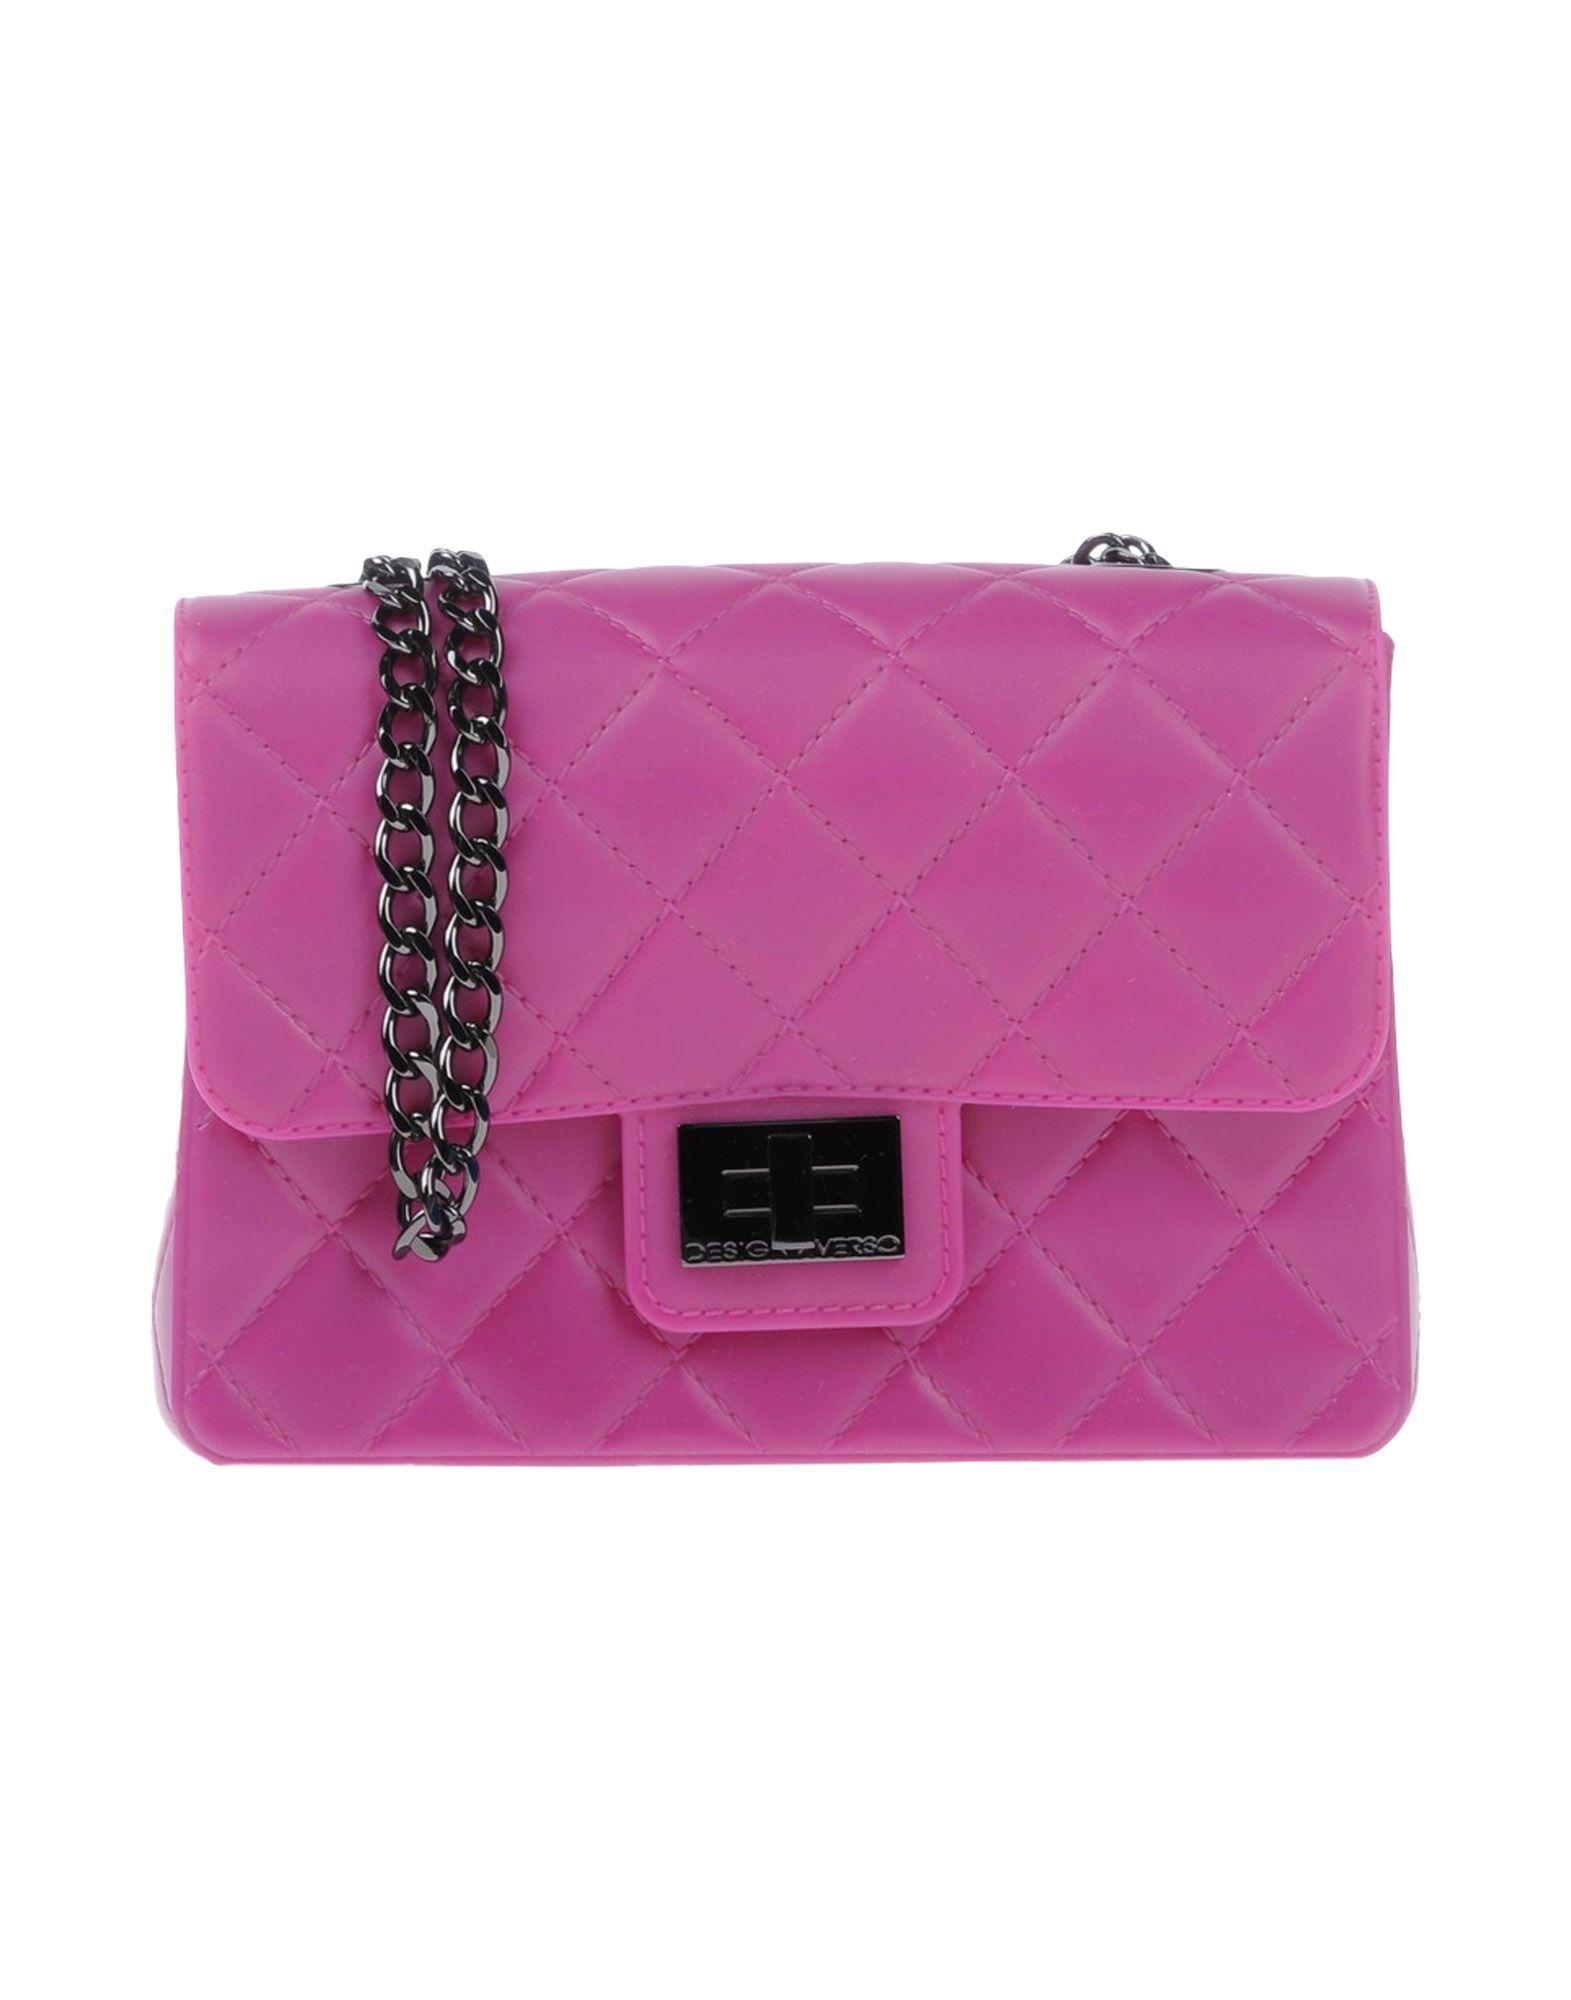 Designinverso Cross-Body Bags In Purple